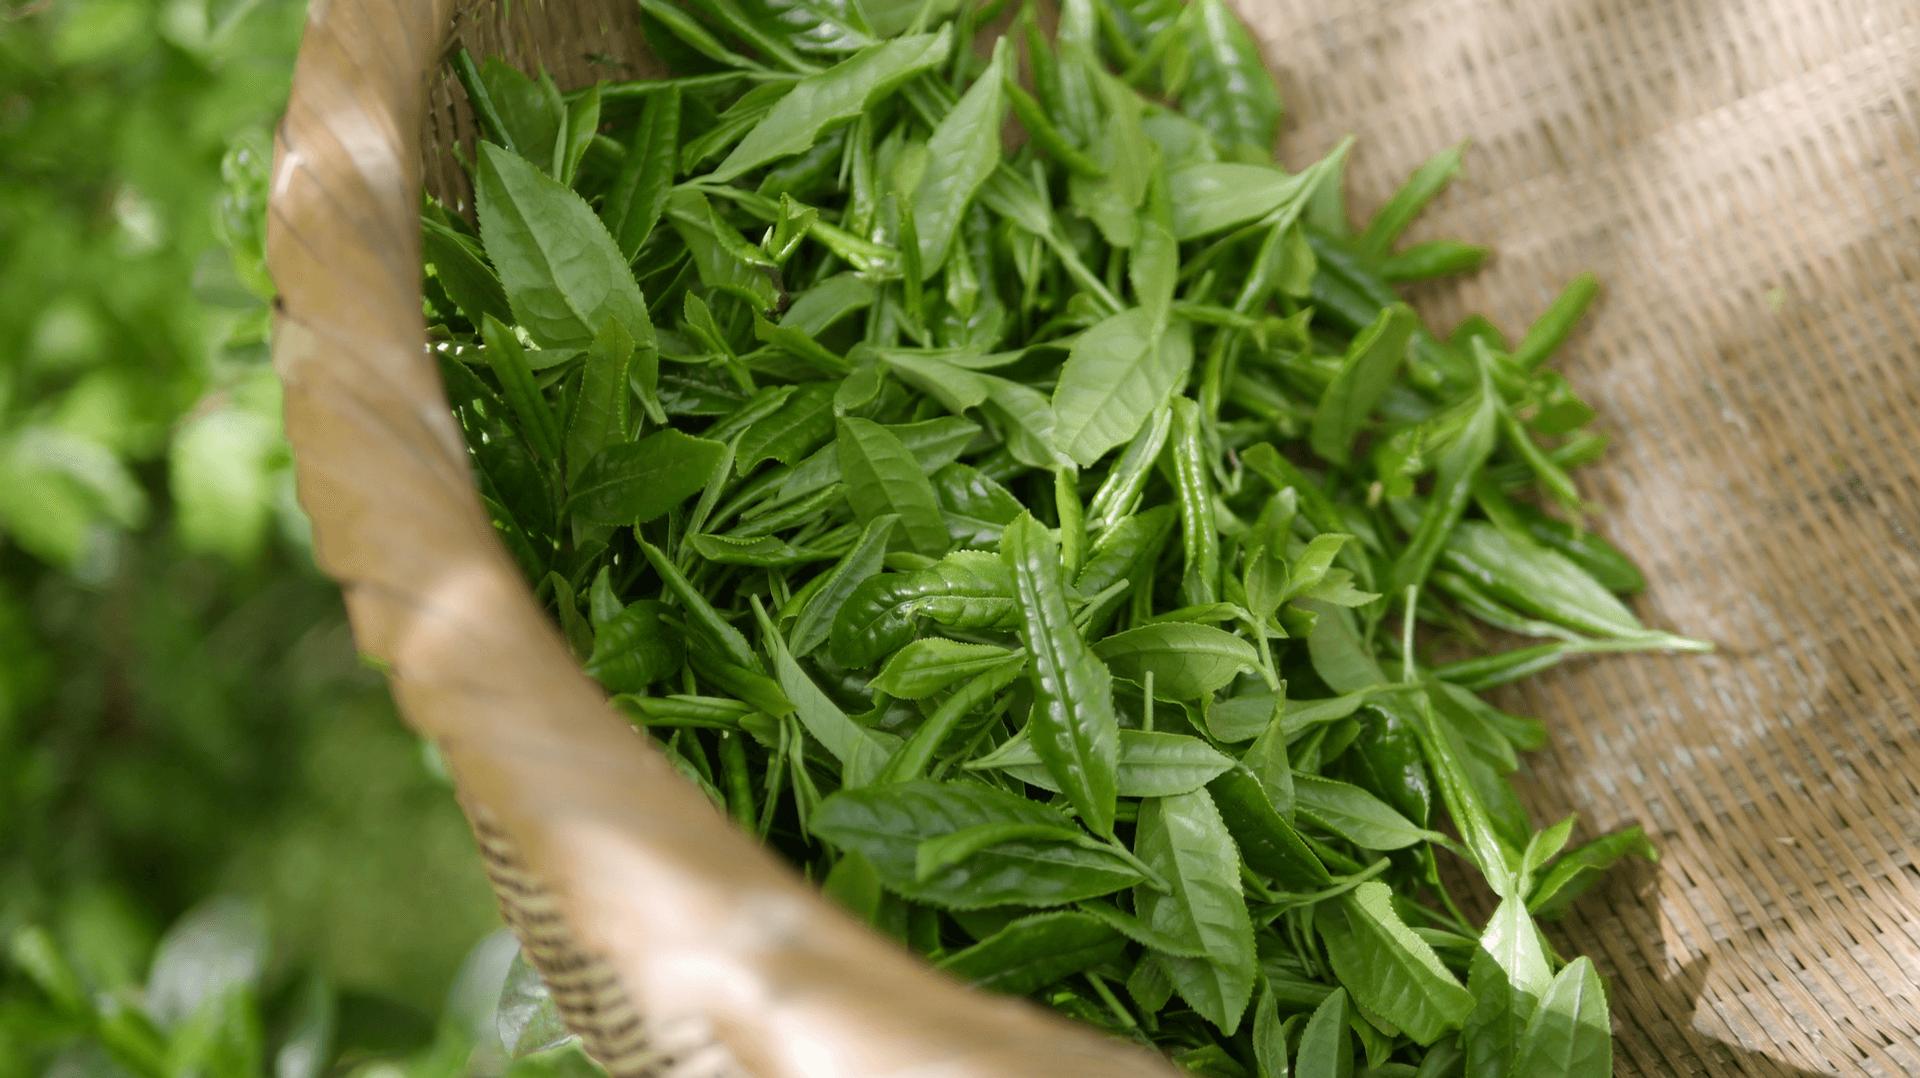 Grüner Tee in einem Korb